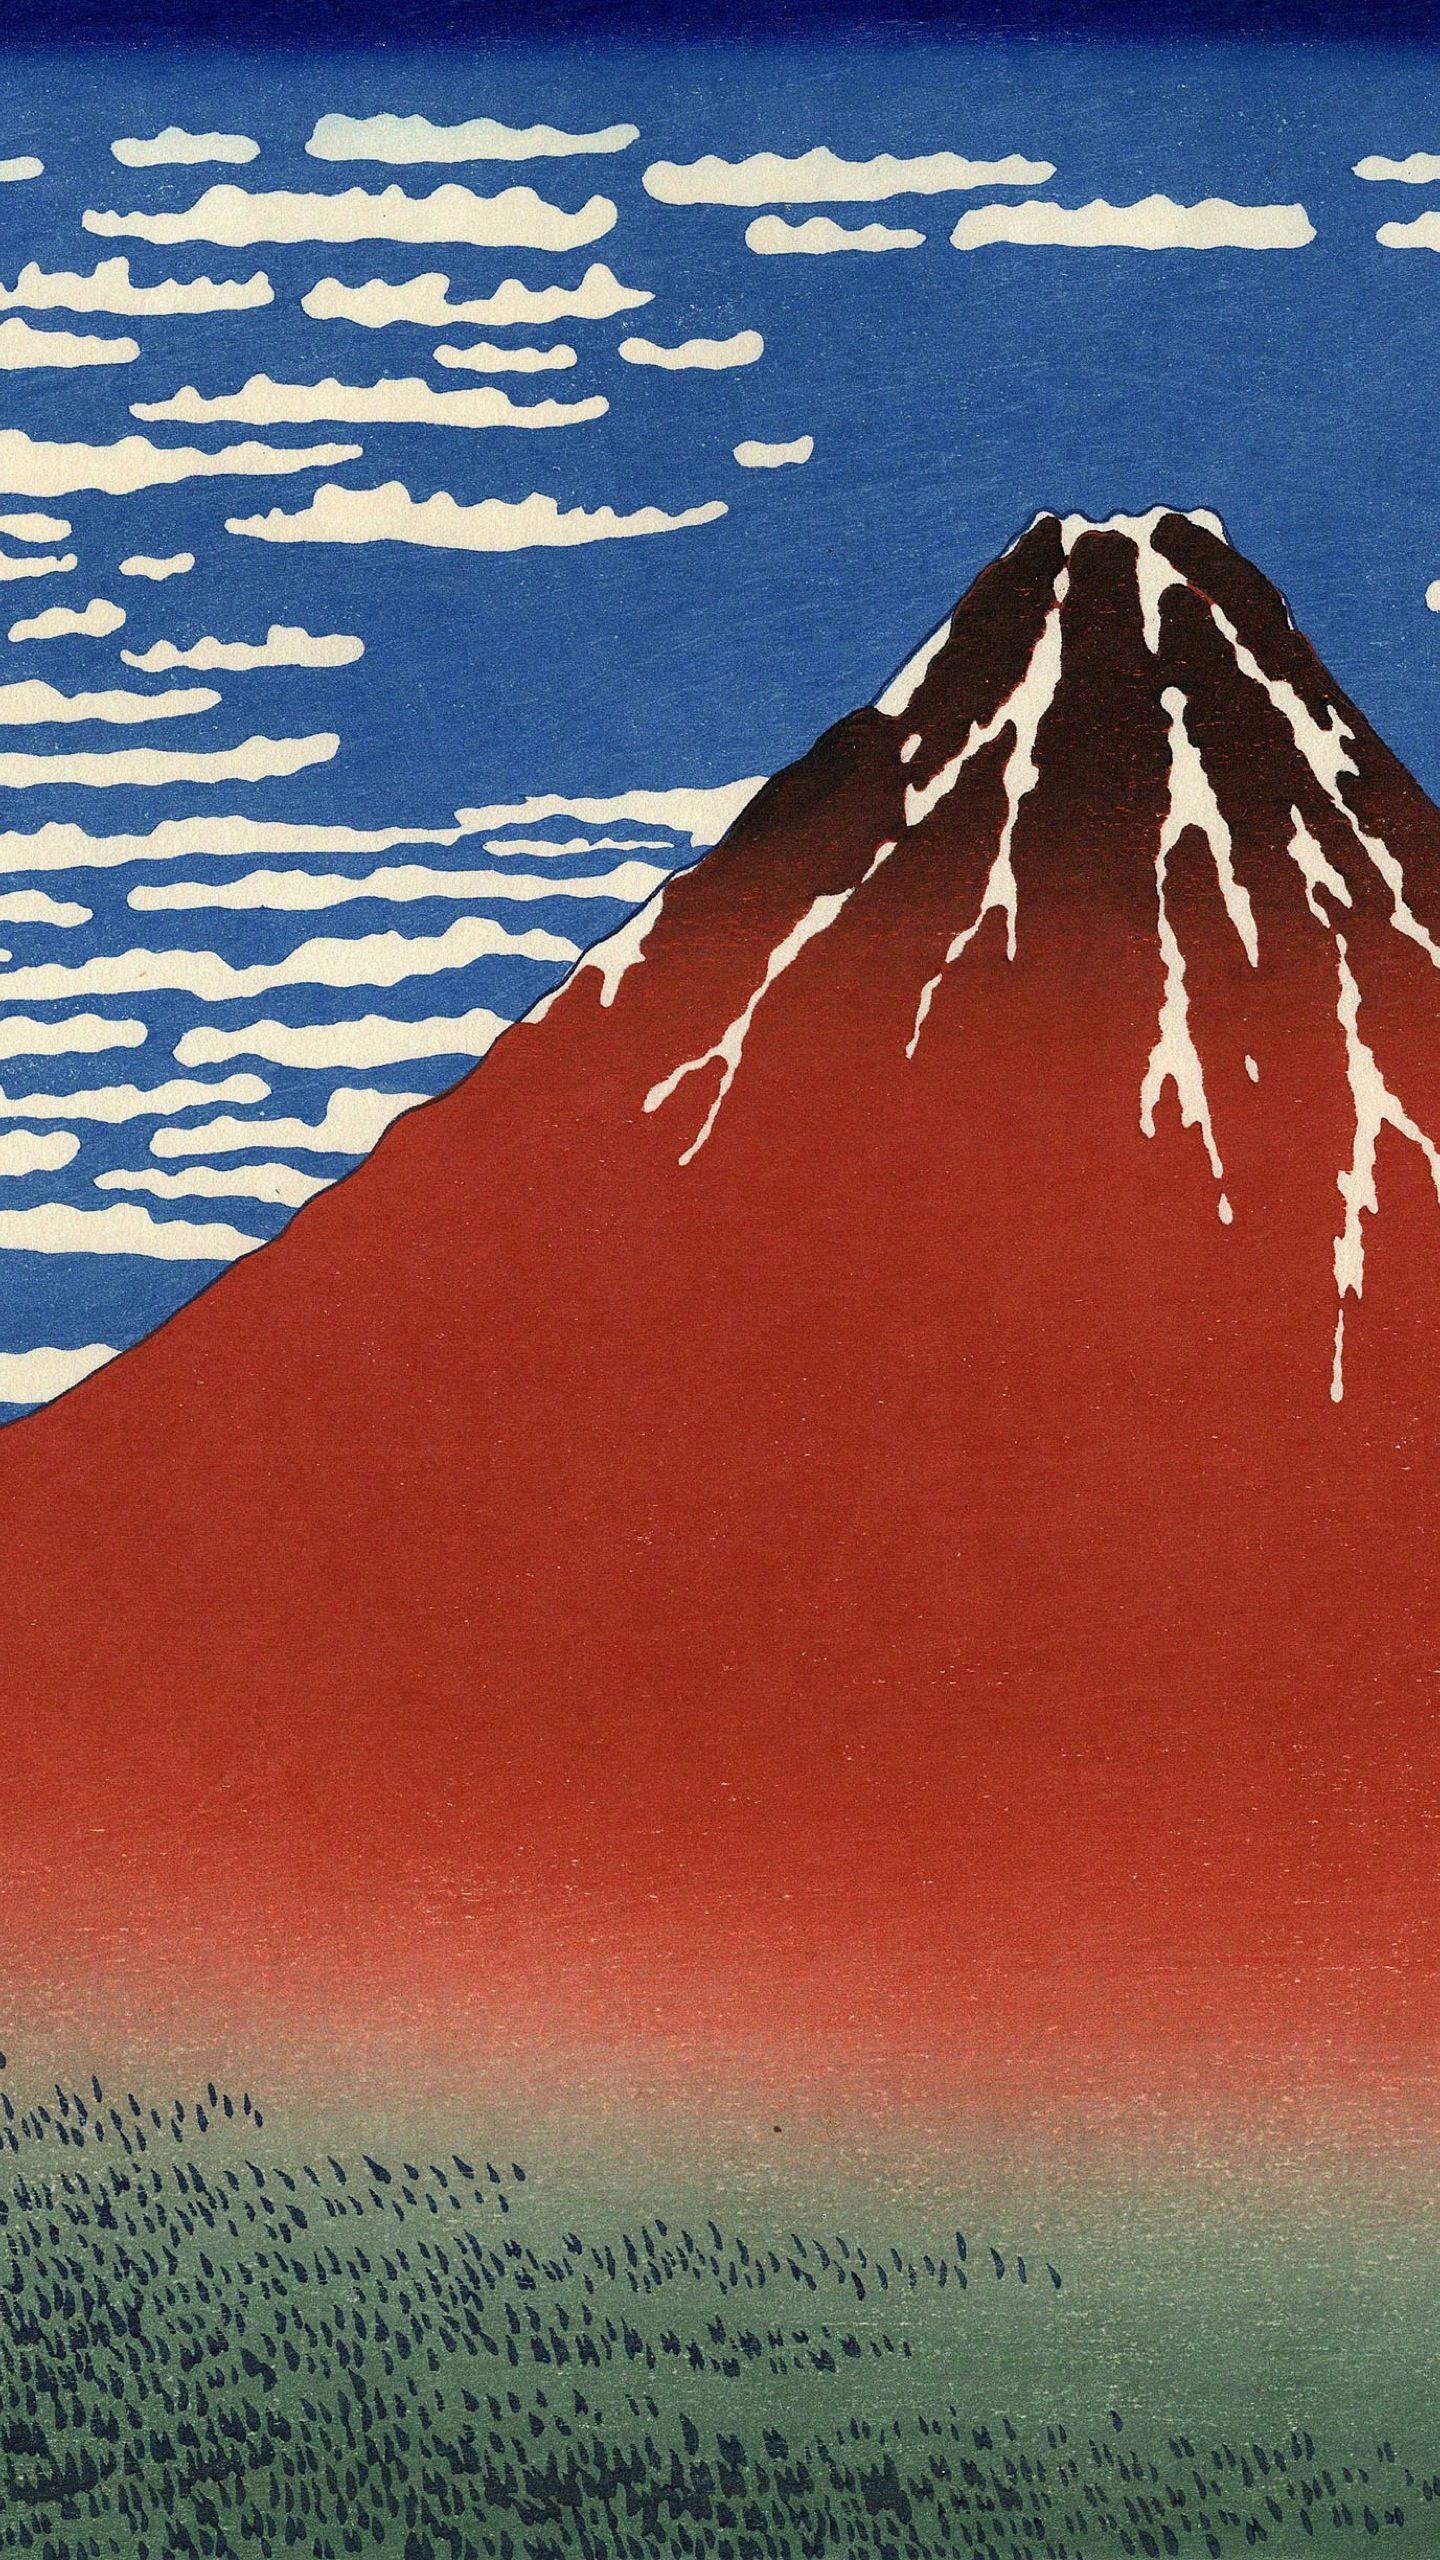 クール絵富士山 Wallpaper Sc スマホ壁紙